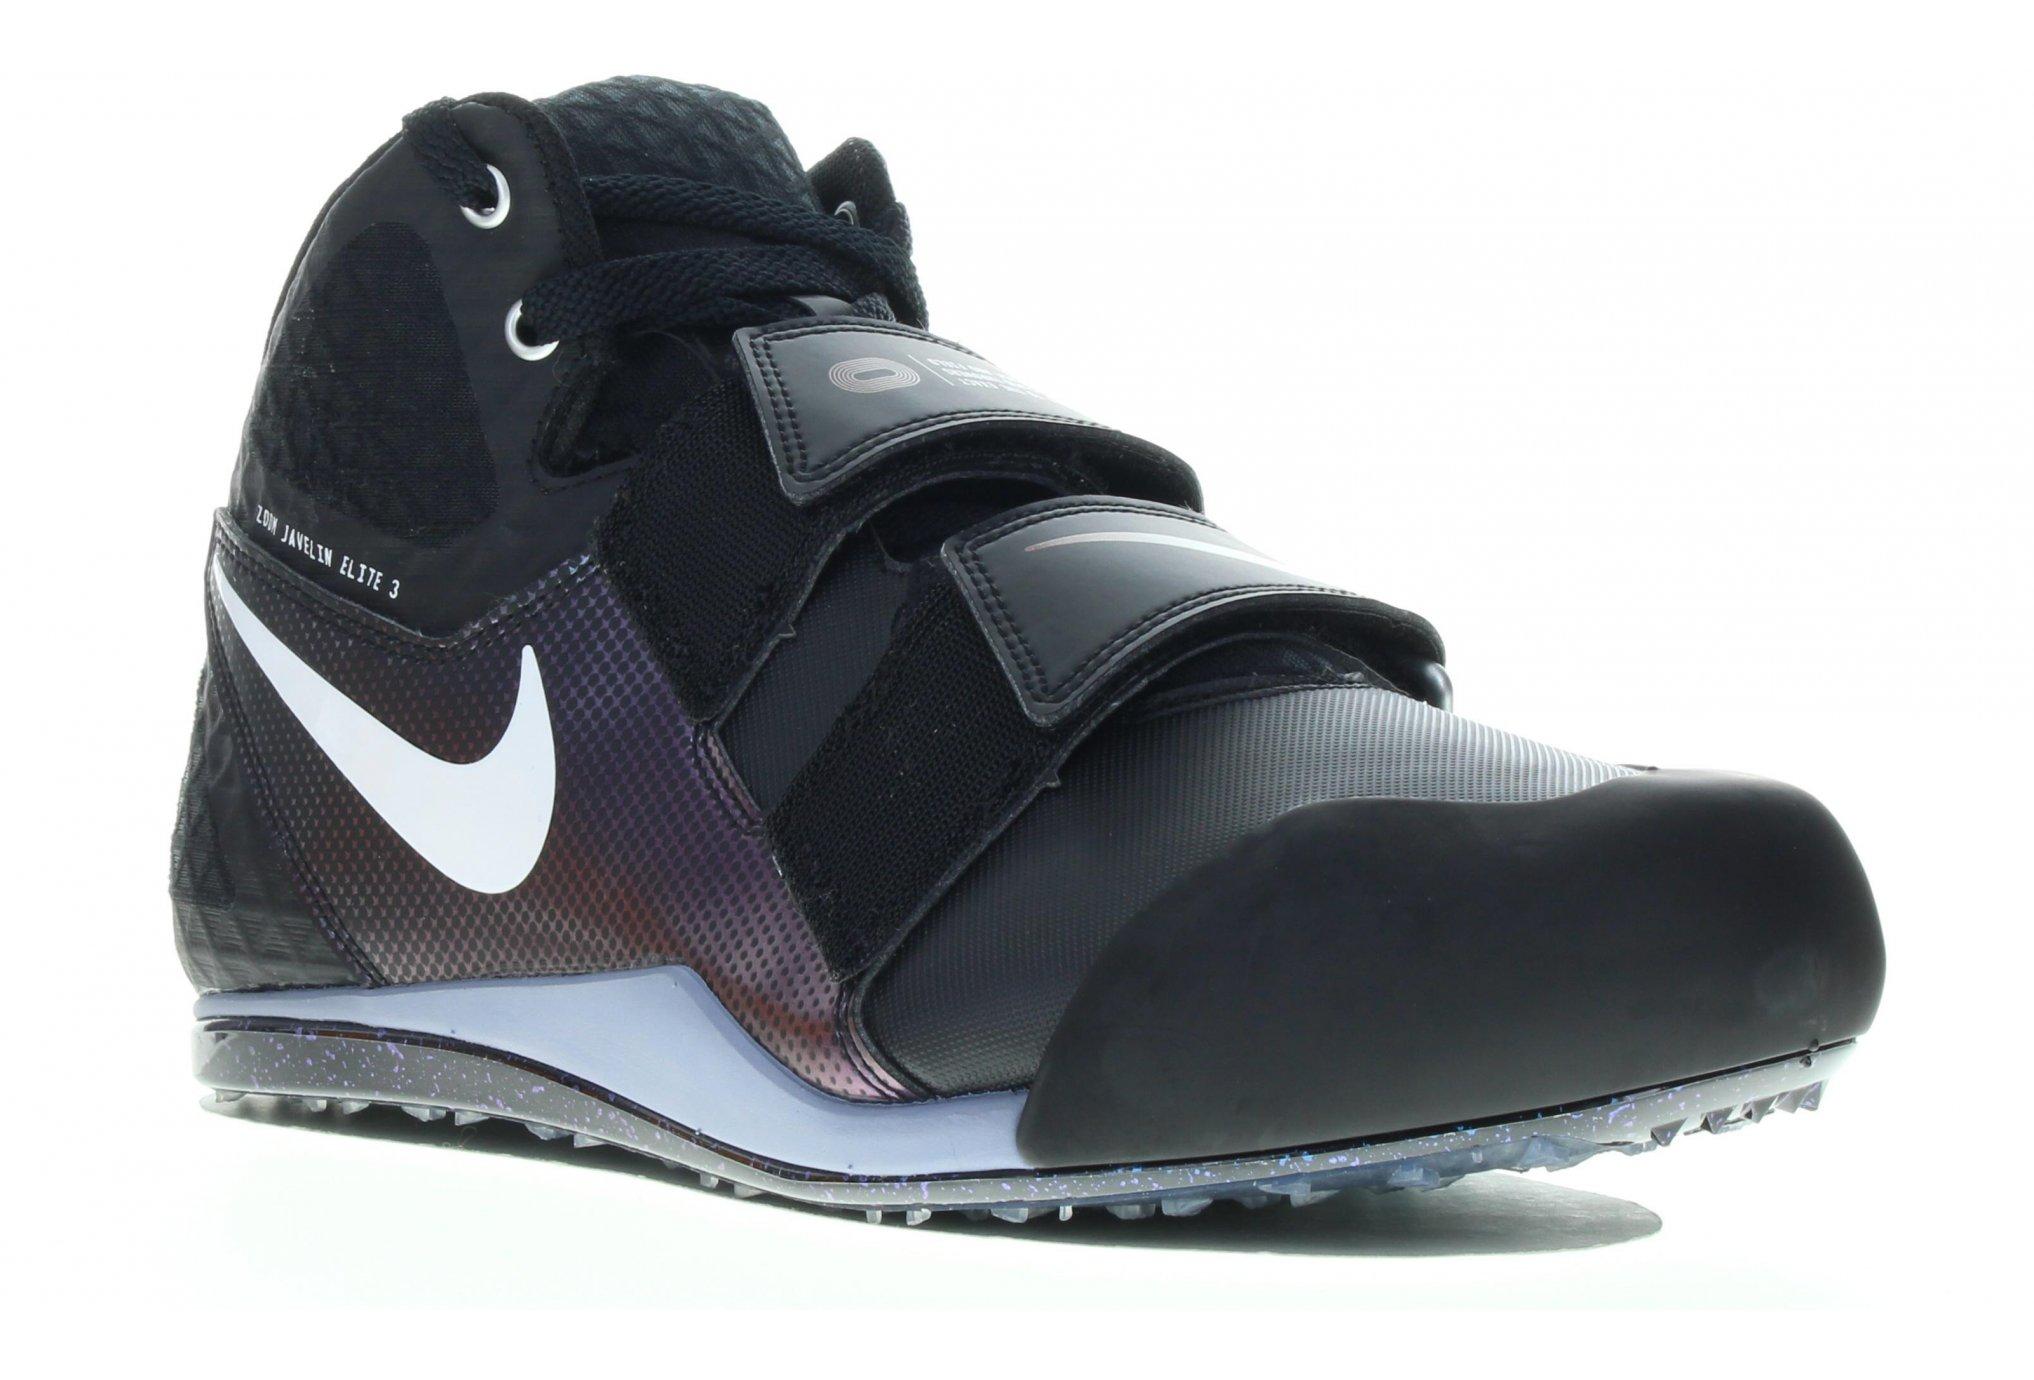 Nike Zoom Javelin Elite 3 M Diététique Chaussures homme